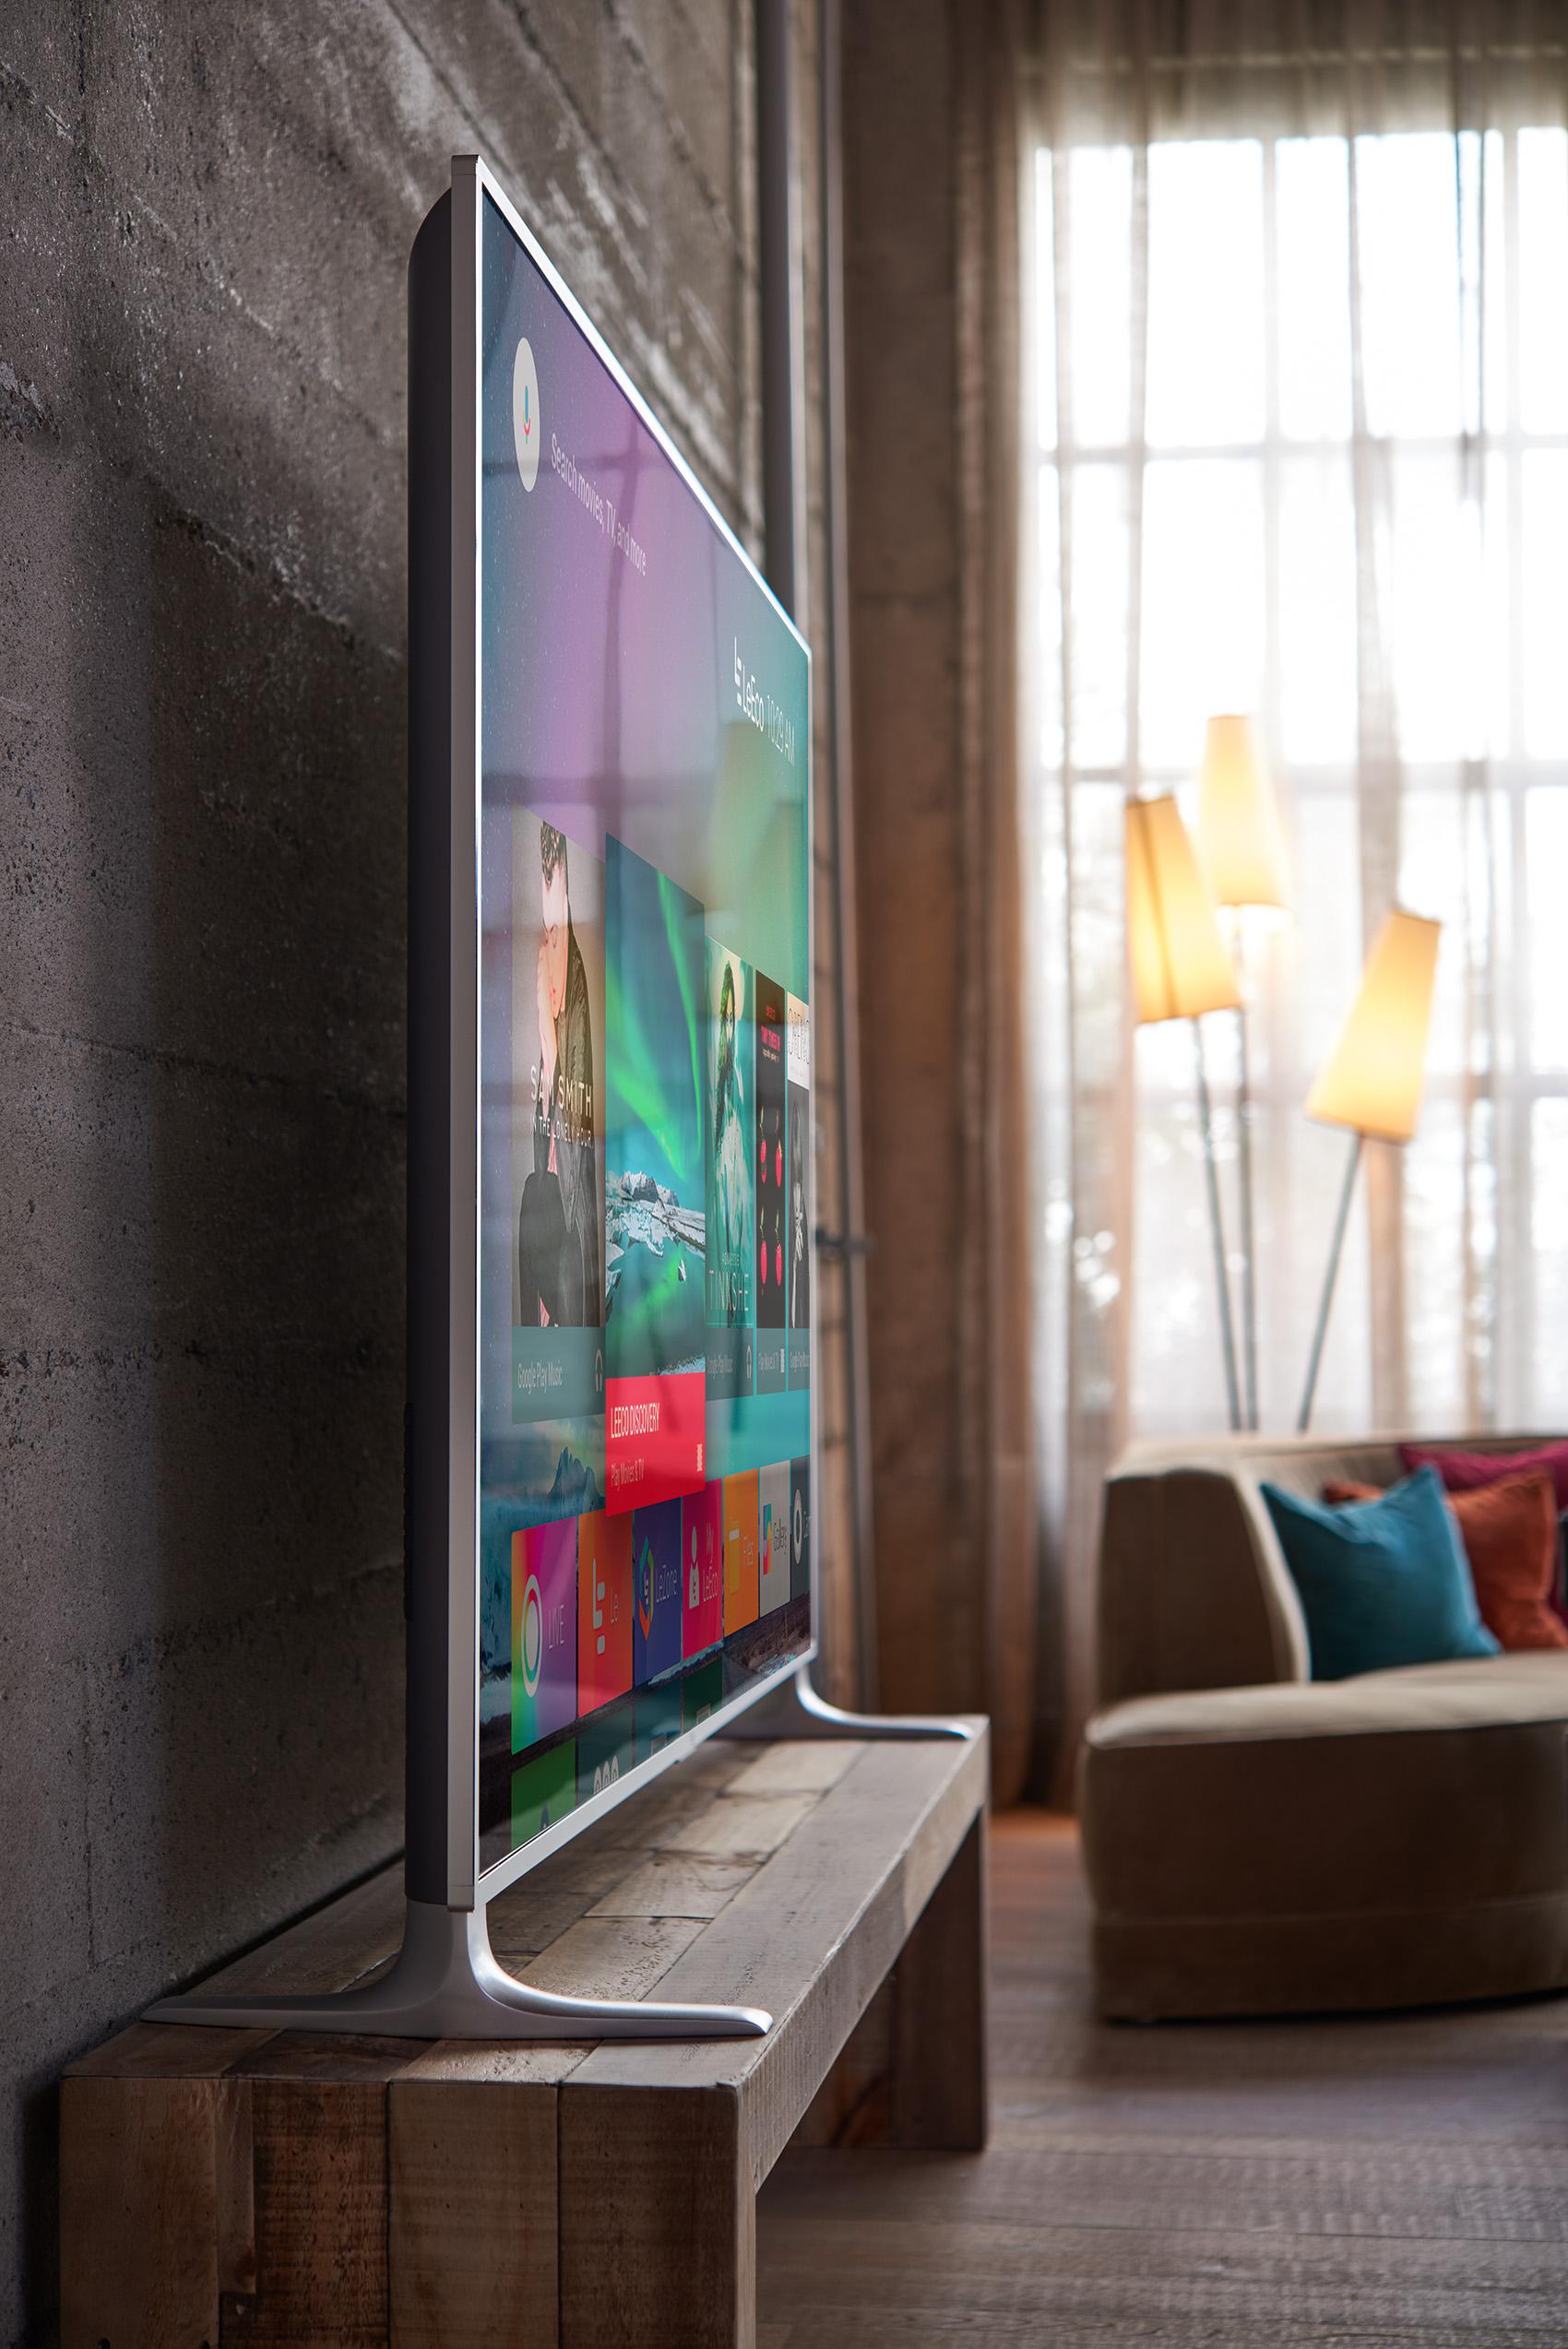 LeEco led TV in a modern living room